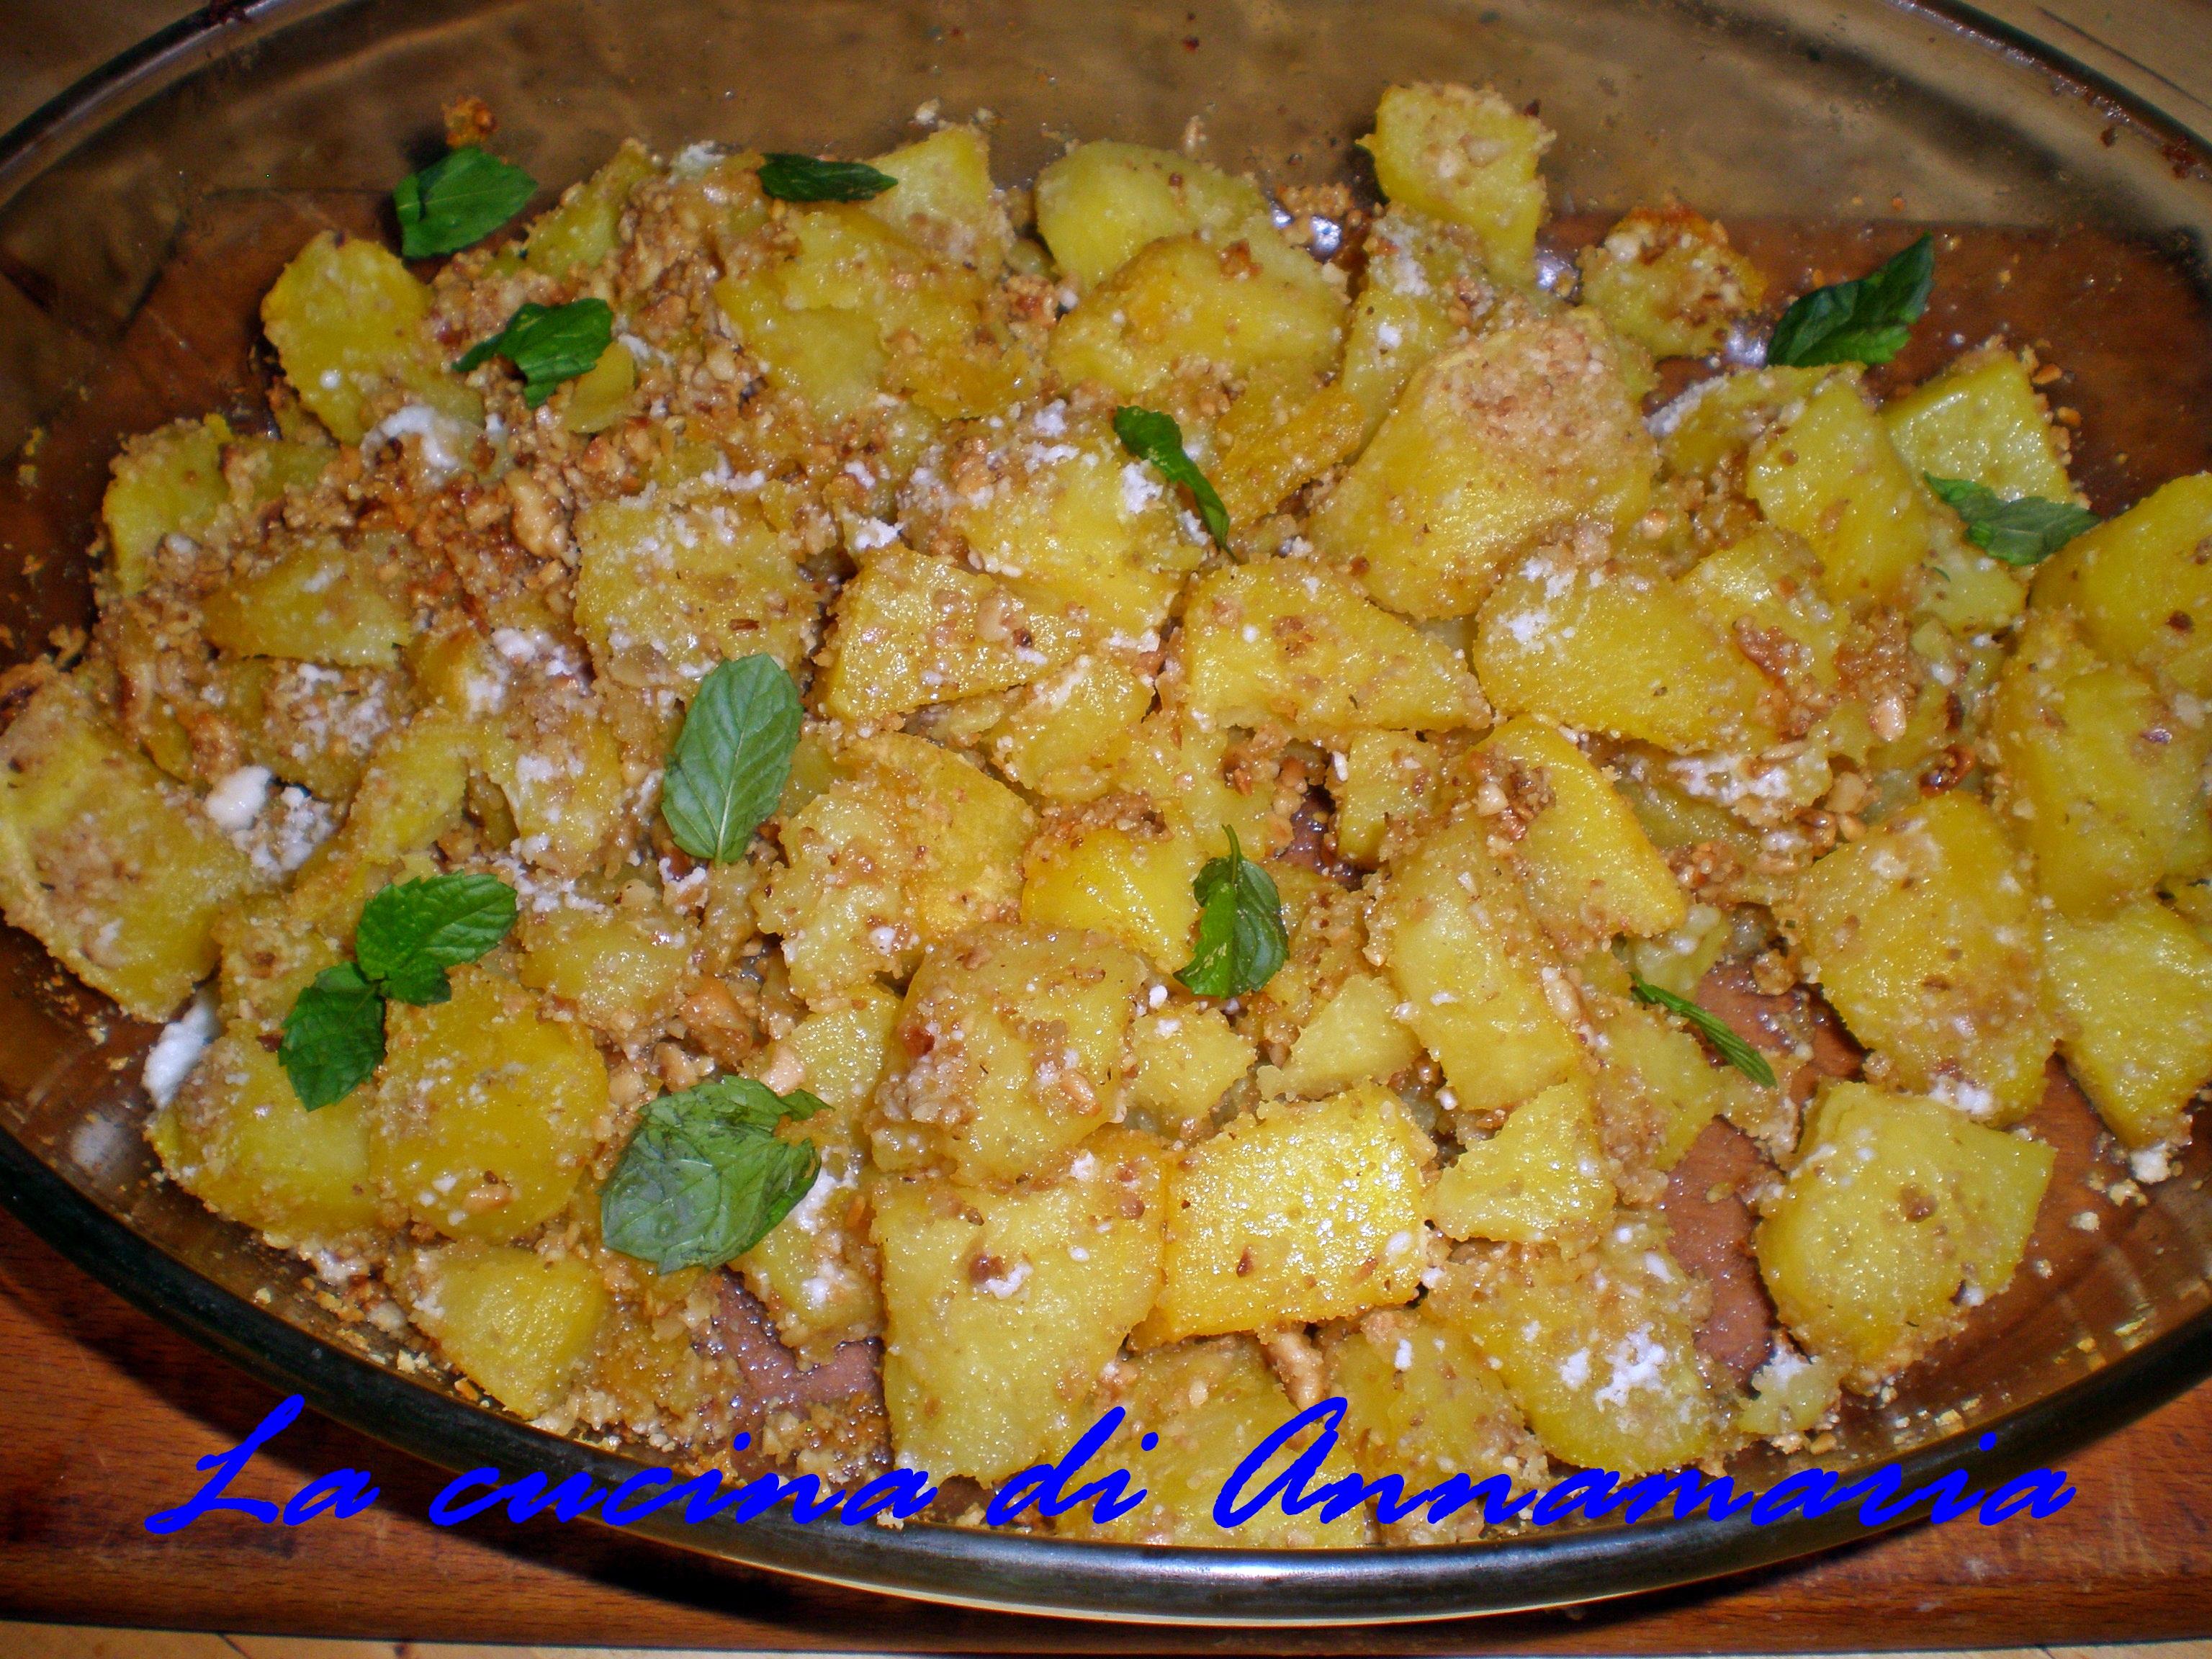 patate al forno | lacucinadiannamaria - Cucinare Le Patate Al Forno